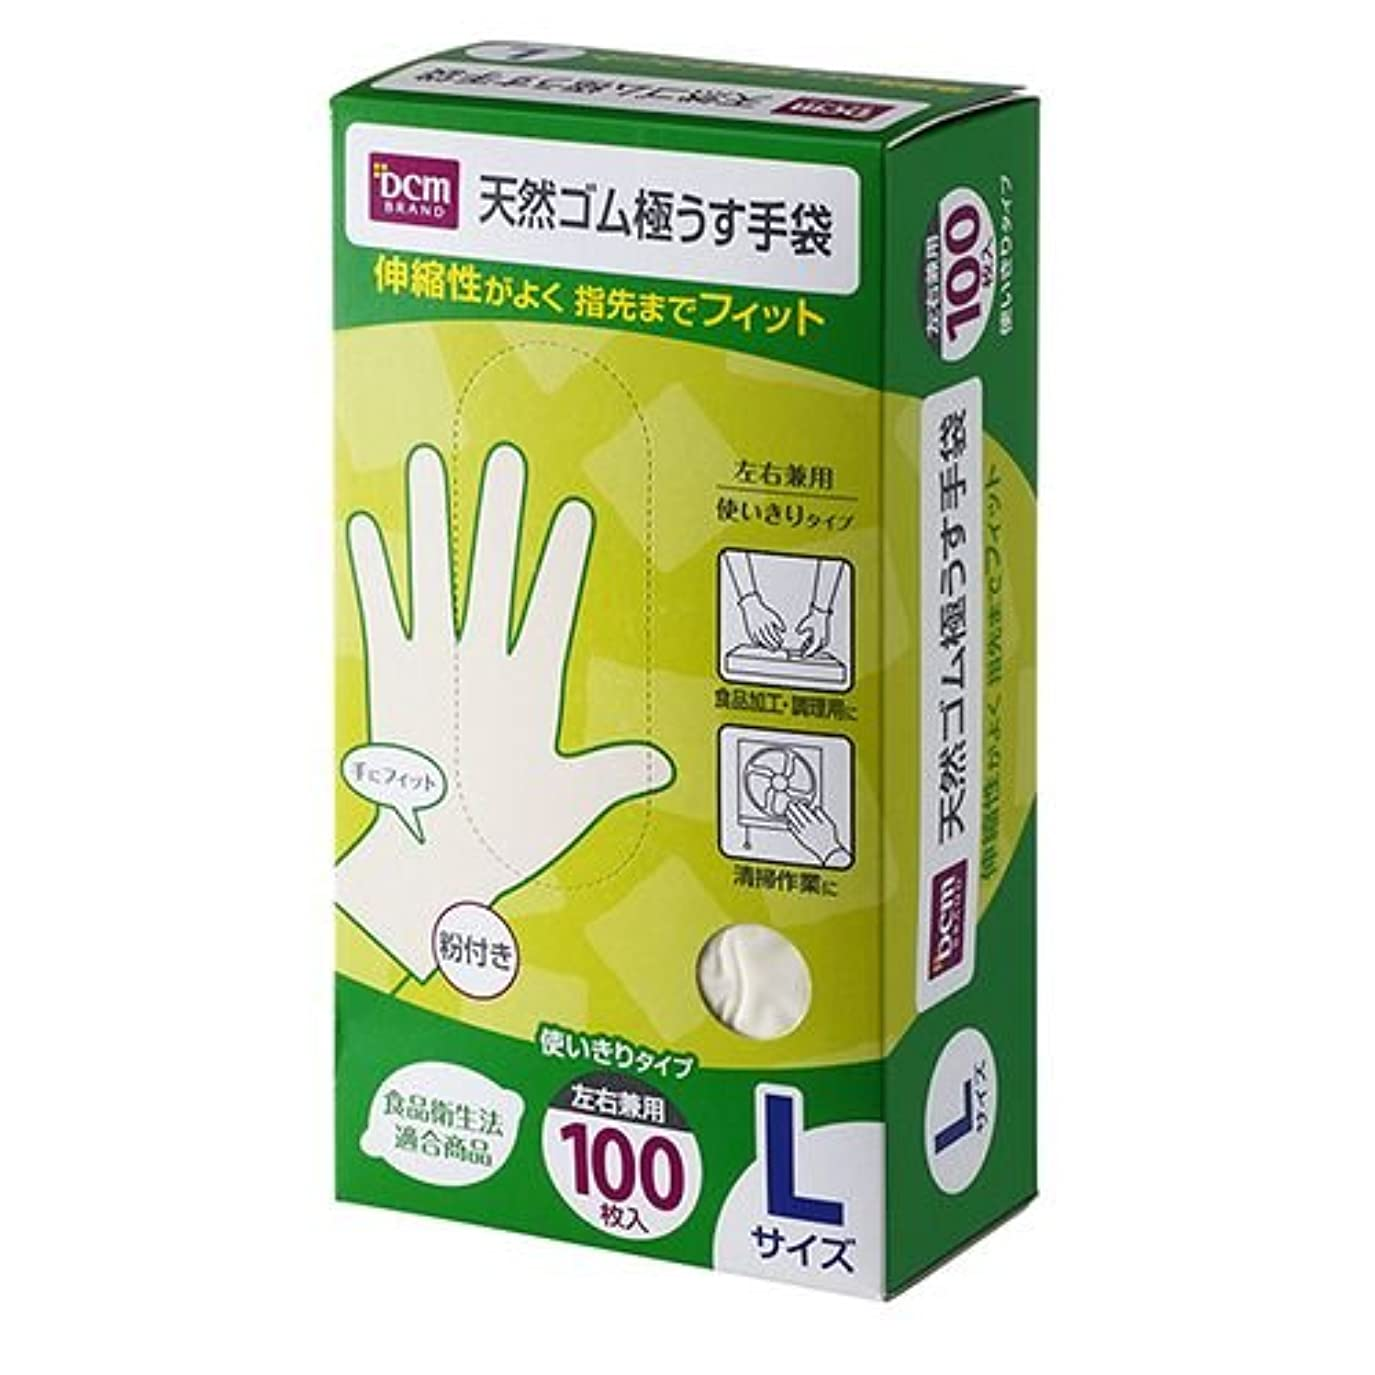 天然ゴム 極うす 手袋 HI06T81 L 100枚入 L